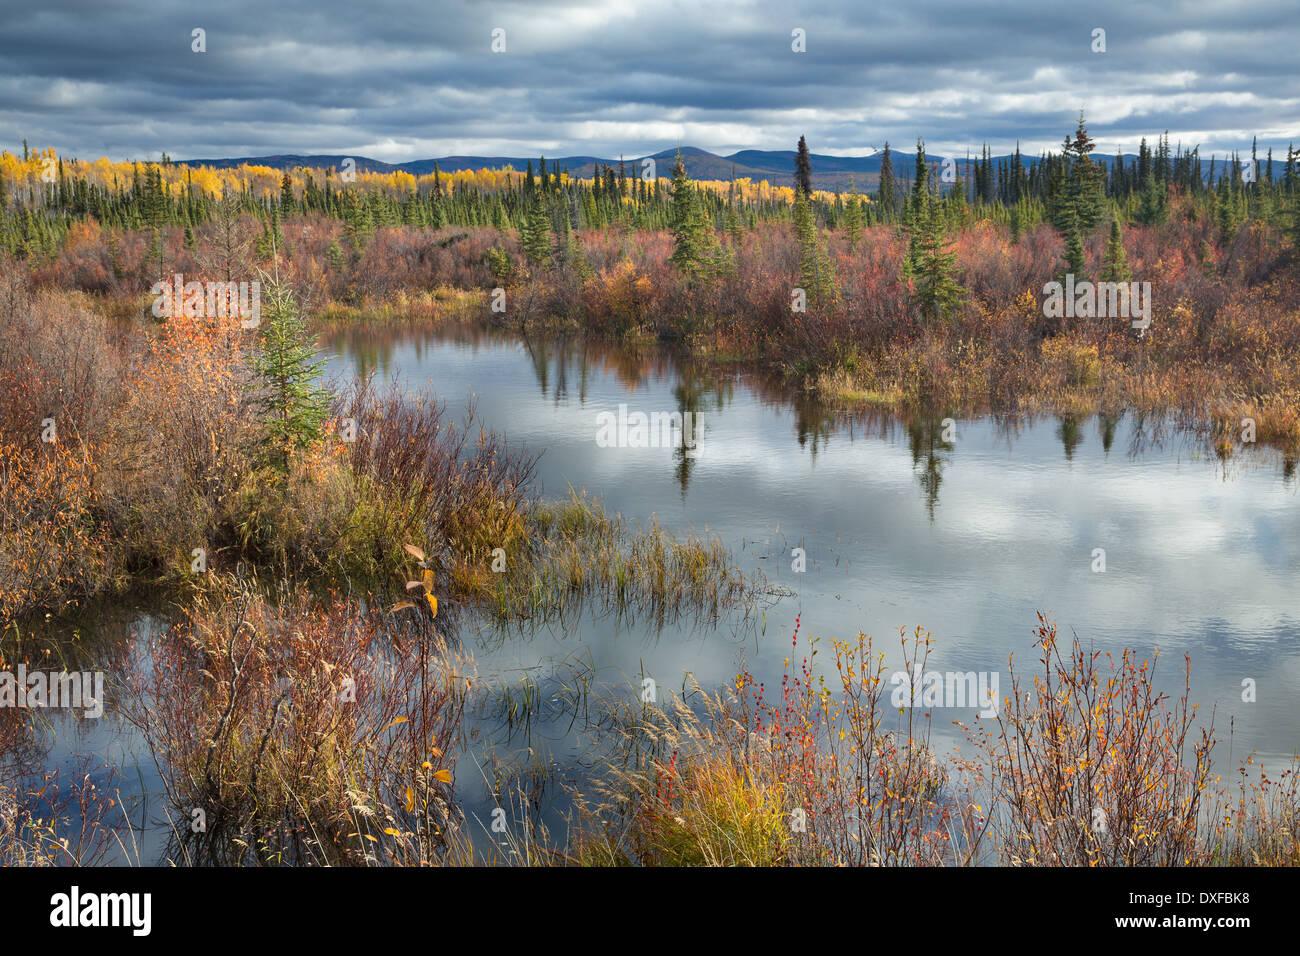 Colores de otoño en el bosque boreal en la ruta de la Plata cerca de Mayo, territorios de Yukón, Canadá Imagen De Stock